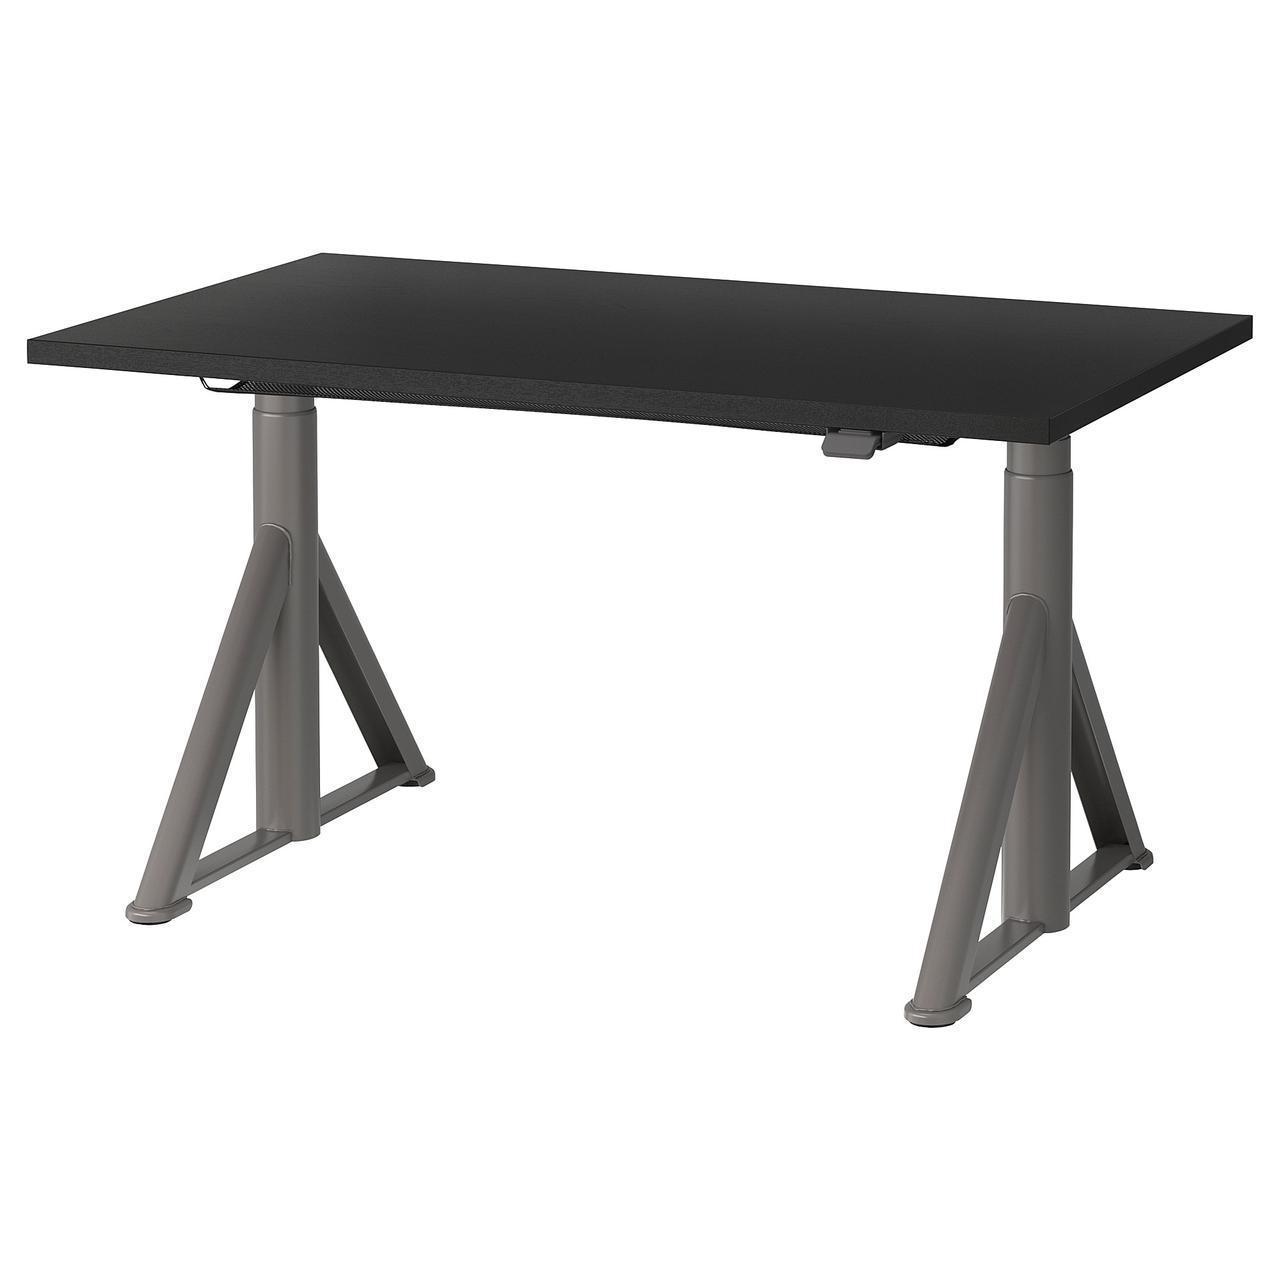 Компьютерный стол IKEA IDÅSEN 120x70 см с регулируемой высотой черный темно-серый 192.809.39